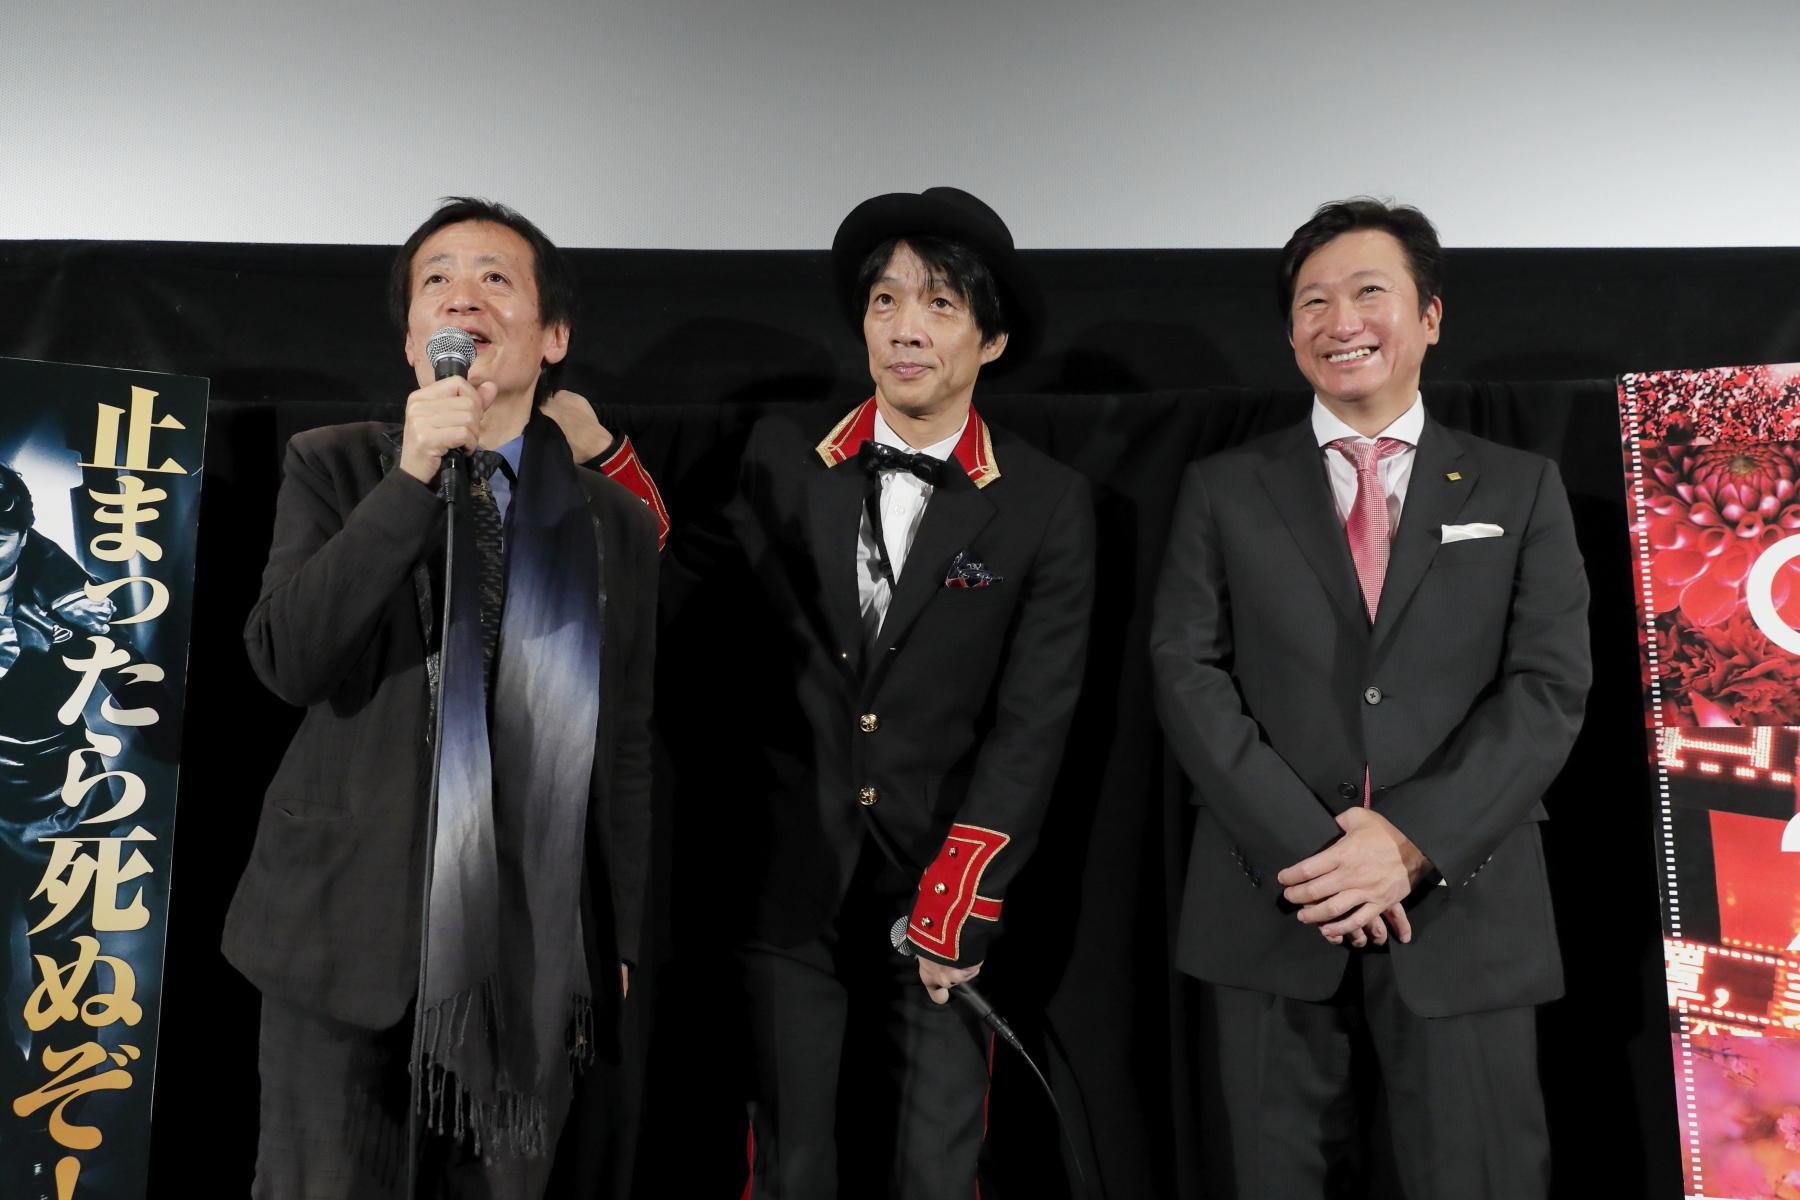 http://news.yoshimoto.co.jp/20181103094210-cd250635b5f1a1d0e4b259cc441e0f1eb9933a8a.jpg